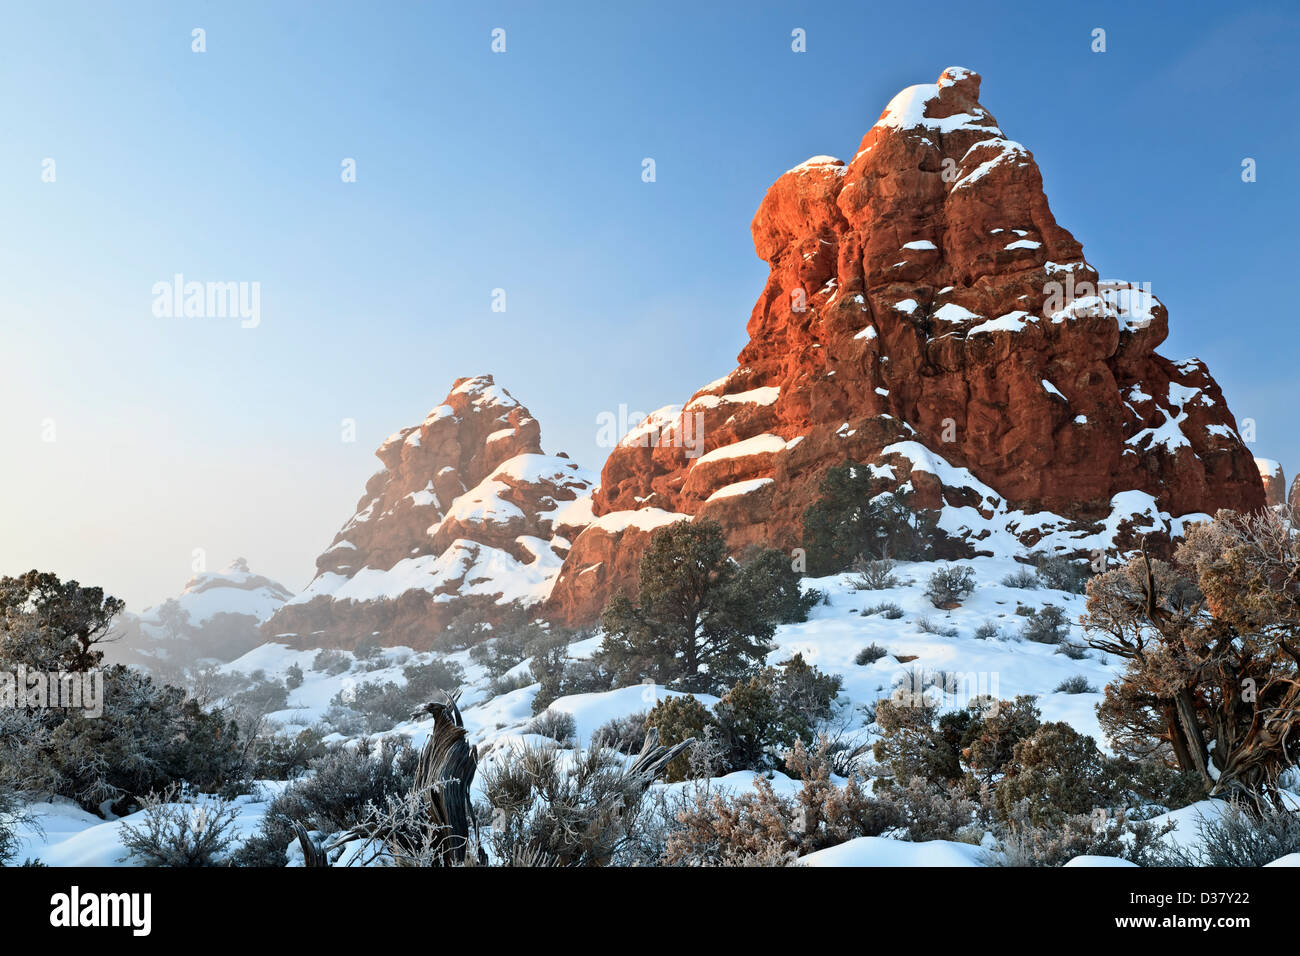 Les formations de grès et le paysage sous la neige, les vitres, Arches National Park, Utah USA Photo Stock